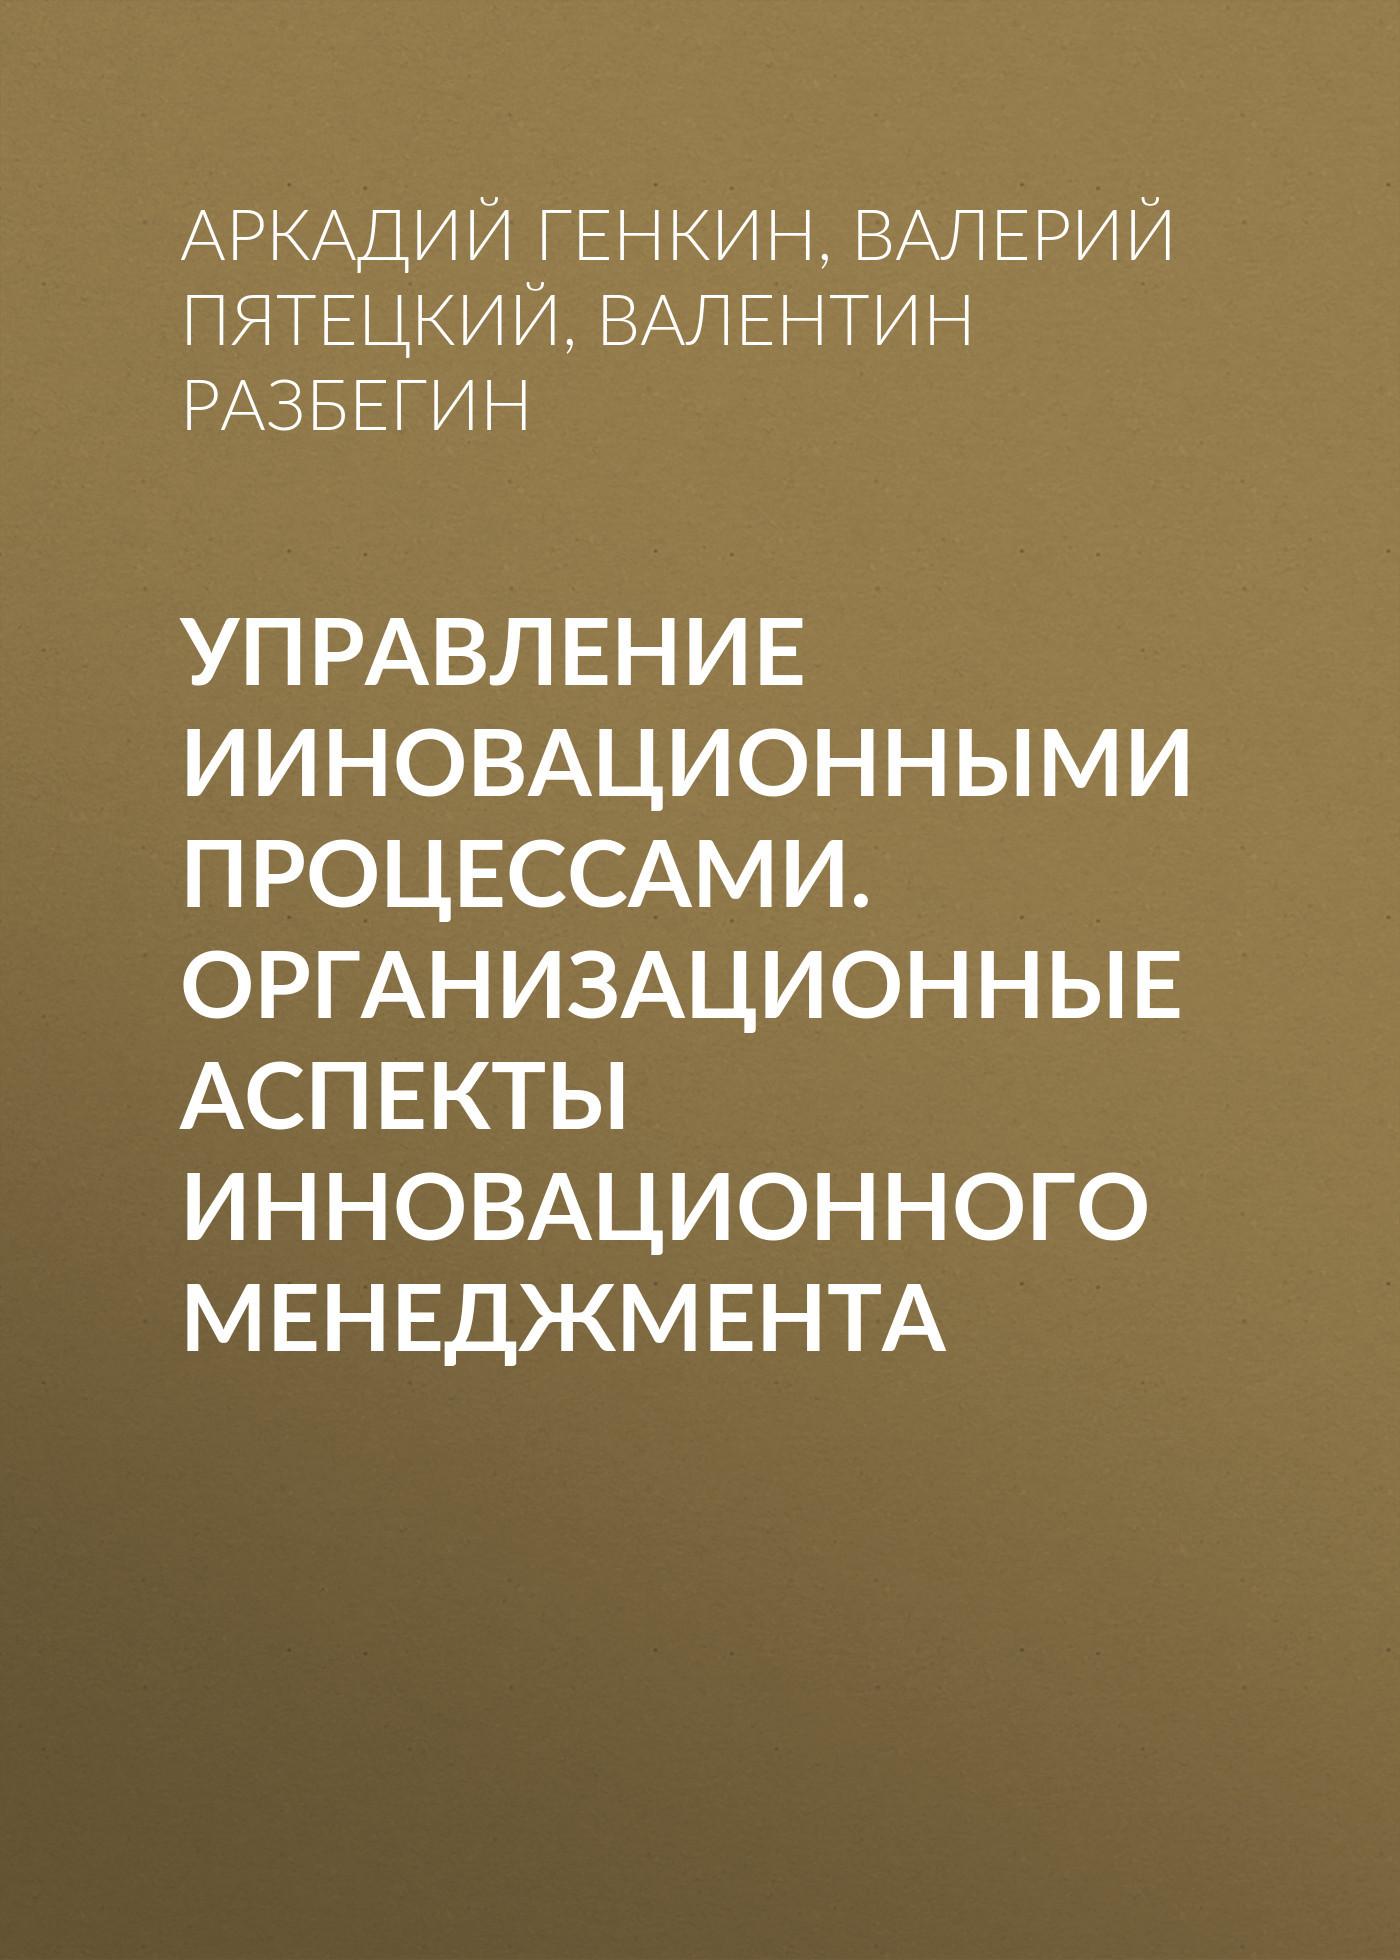 Аркадий Генкин бесплатно